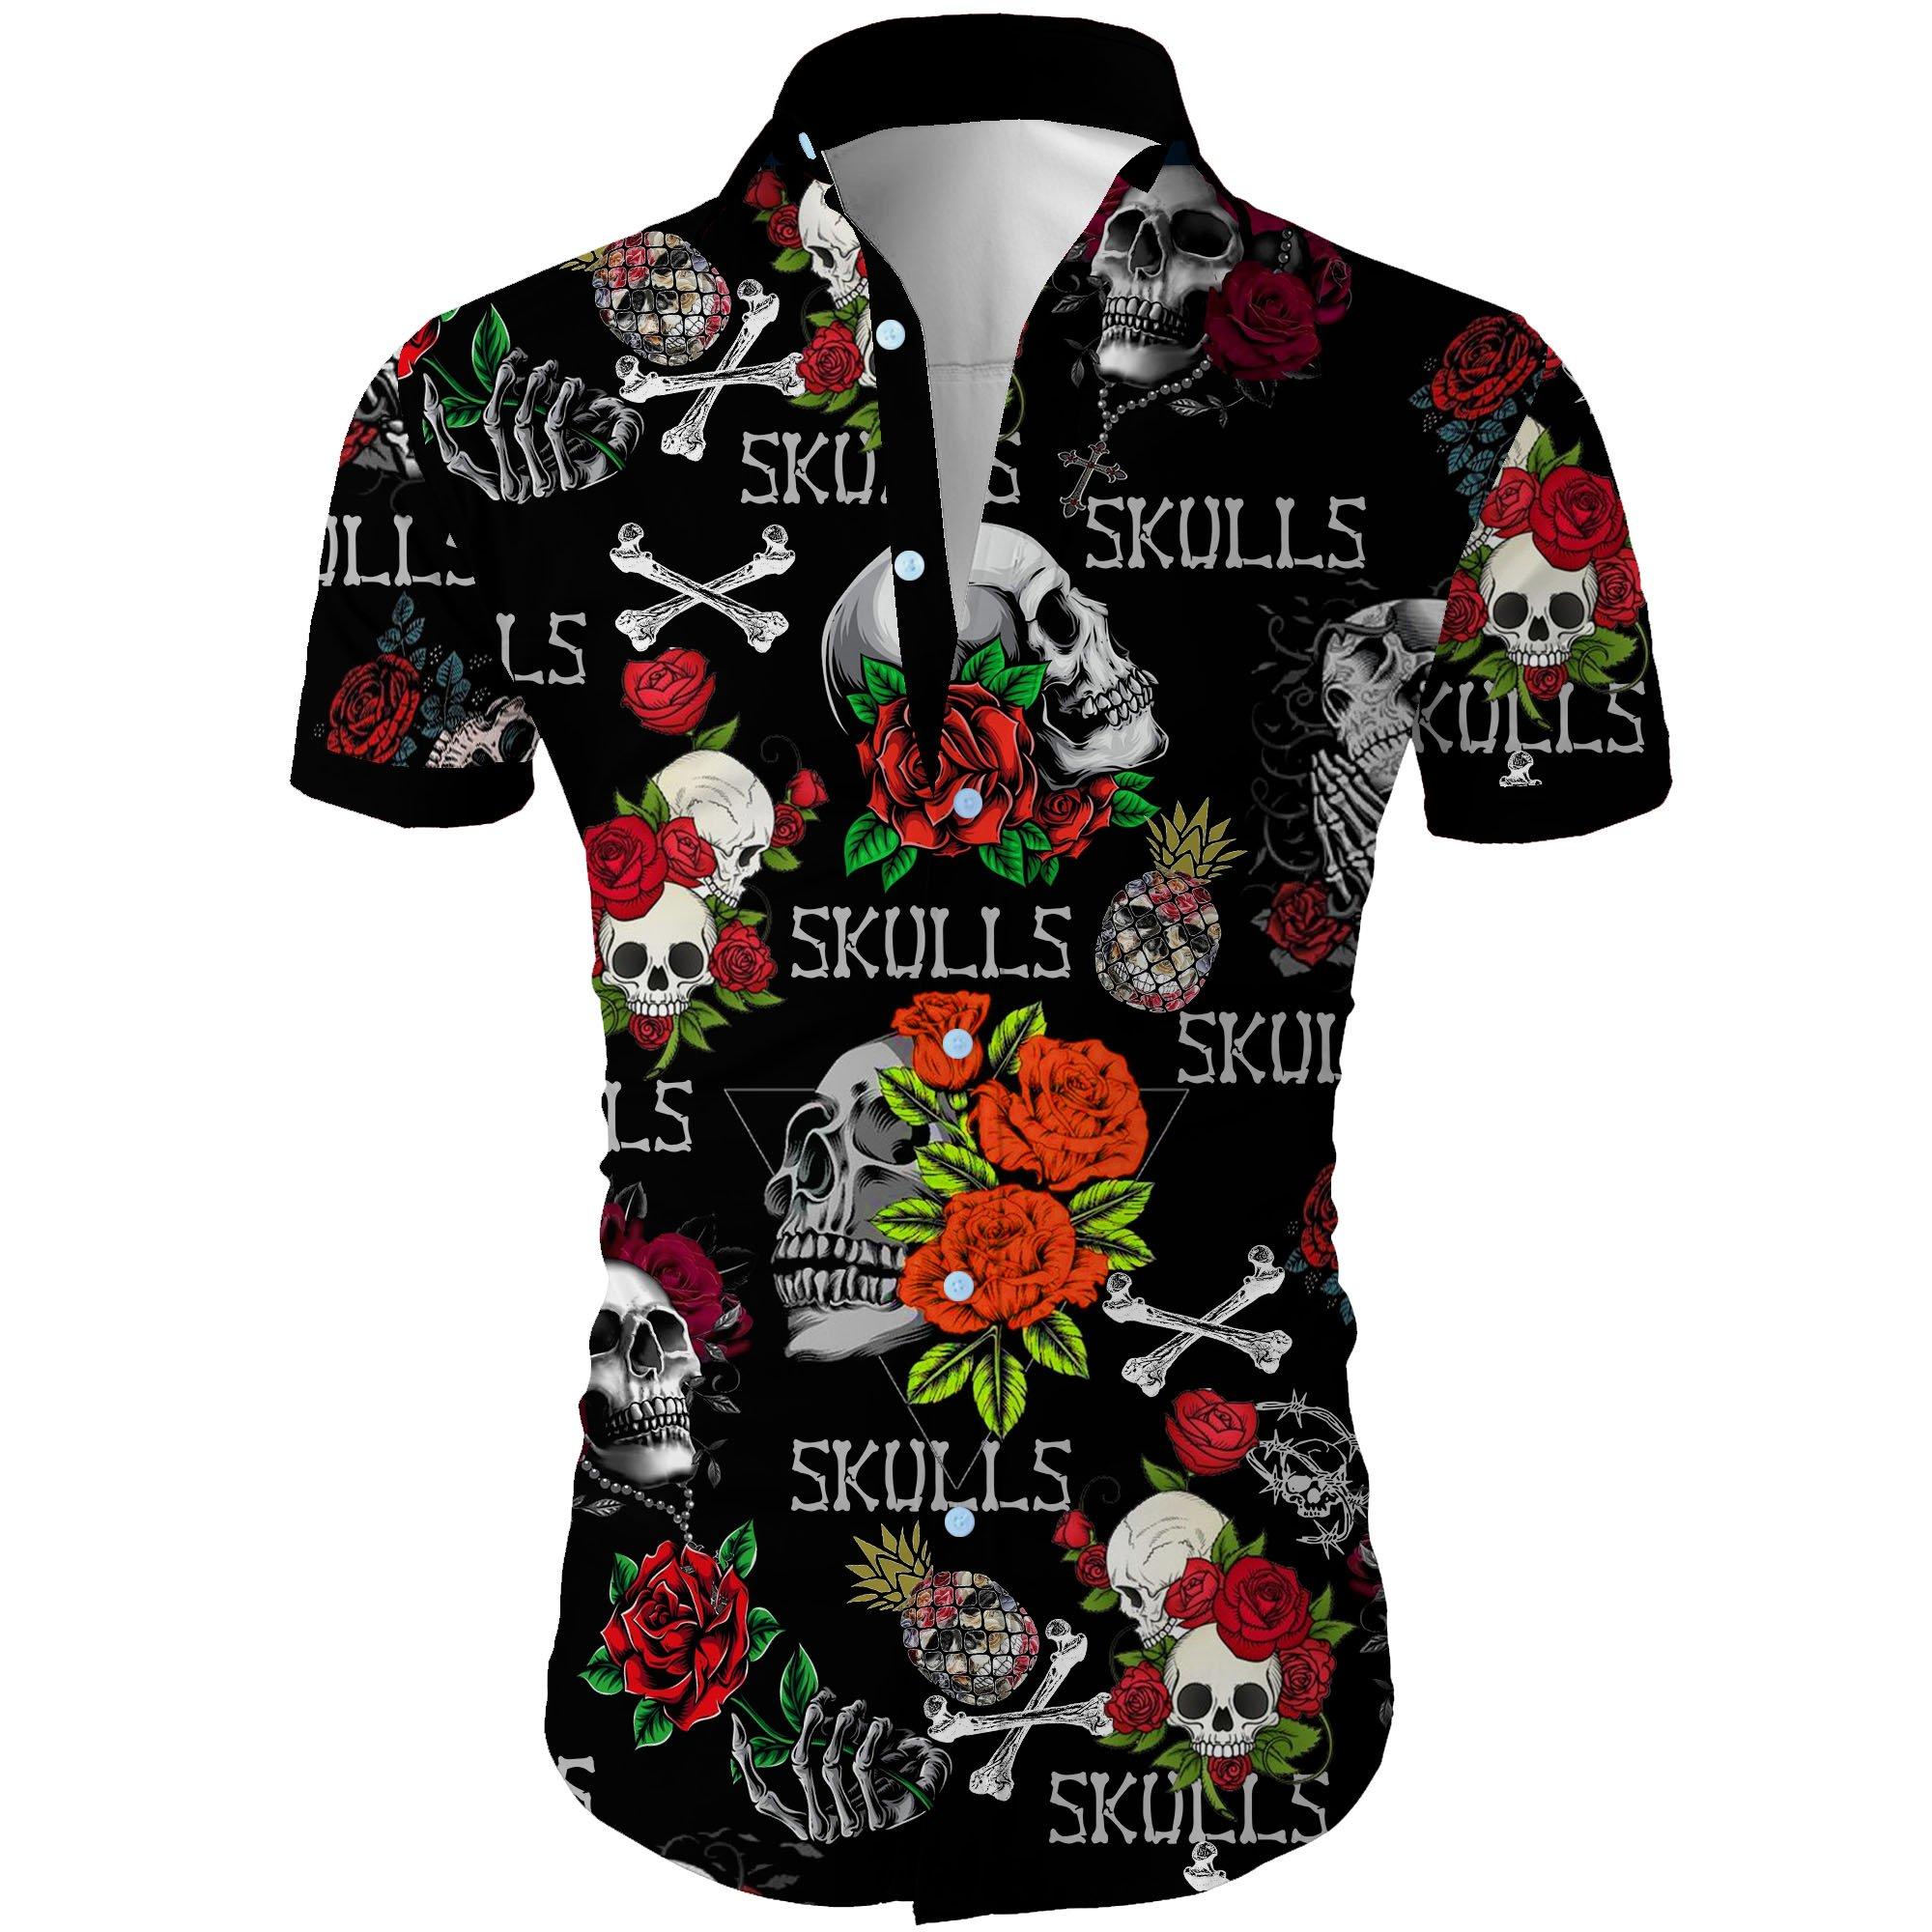 Skull and roses all over printed hawaiian shirt 1